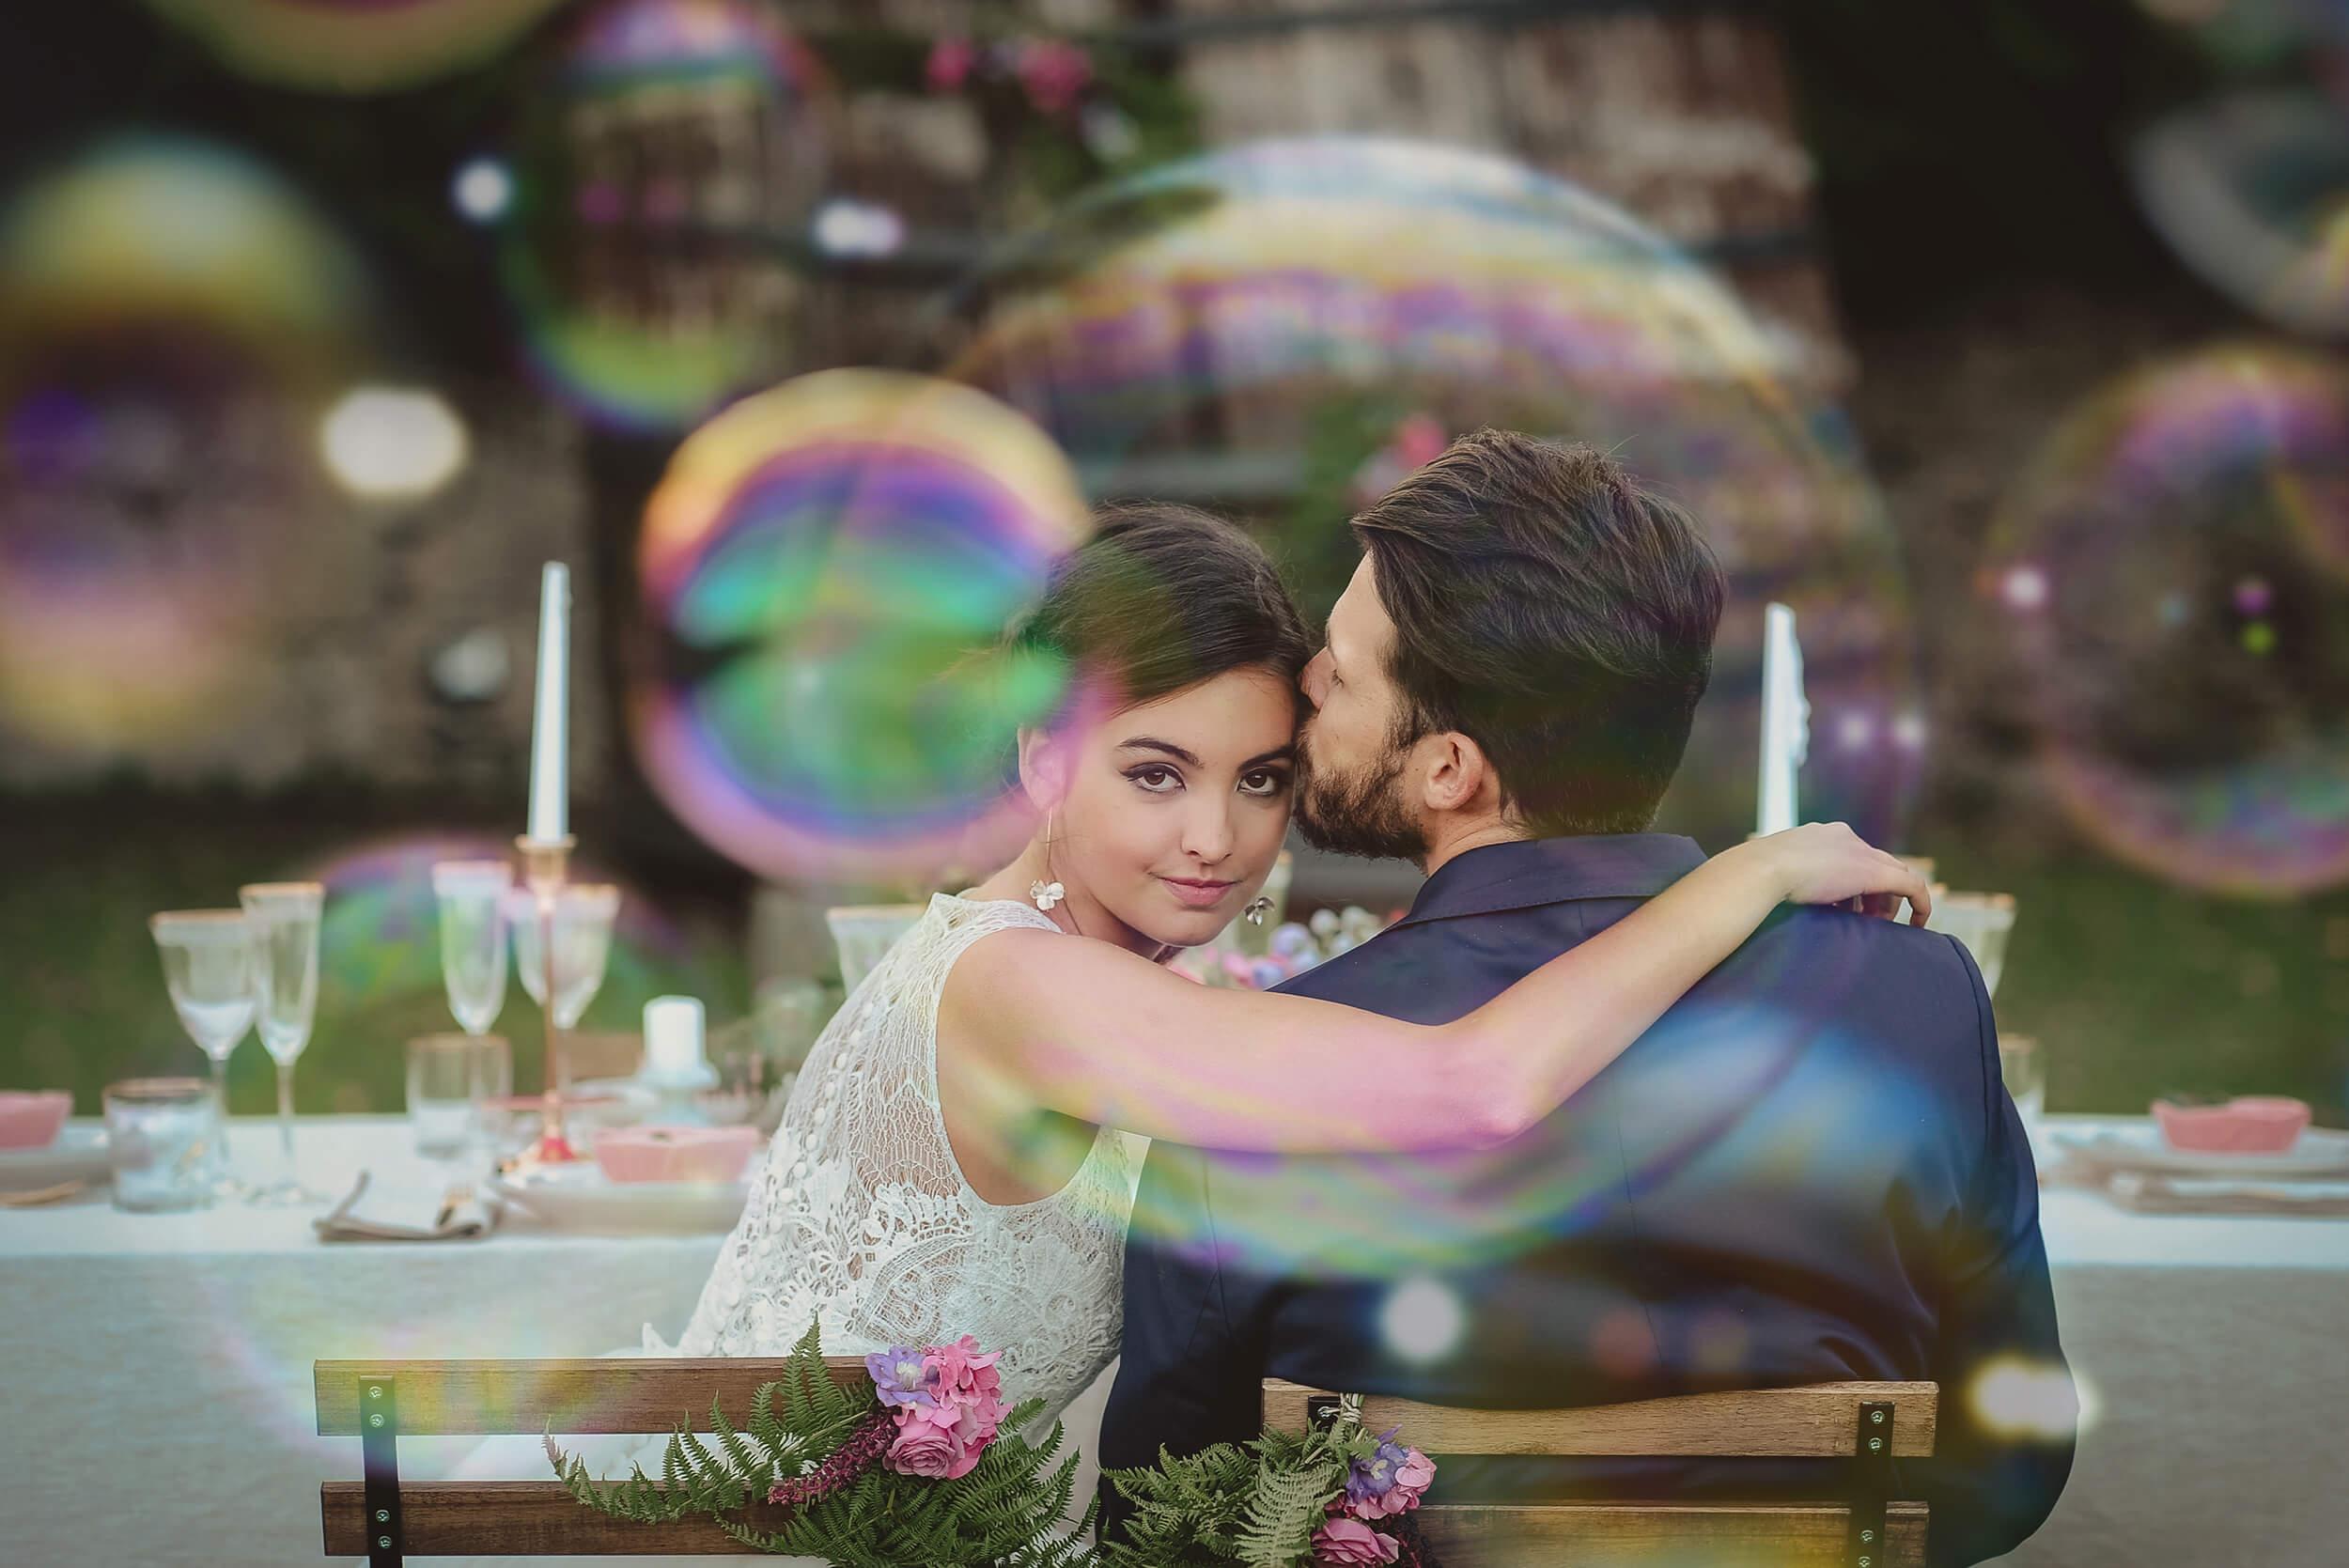 roma-organizacao-eventos-editorial-casamento-colorful-wedding-52